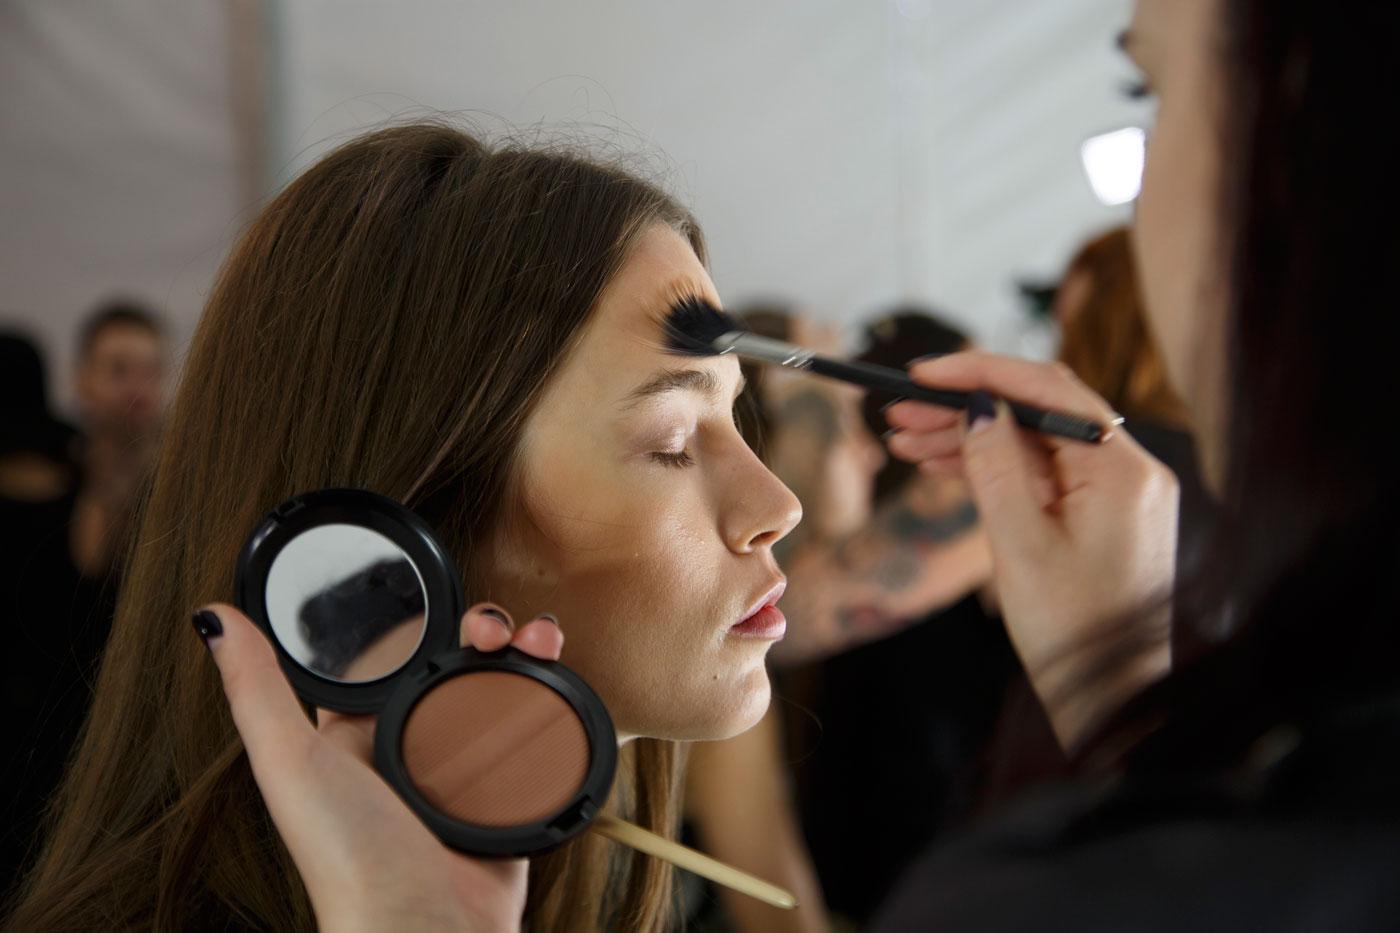 backstage makeup tips